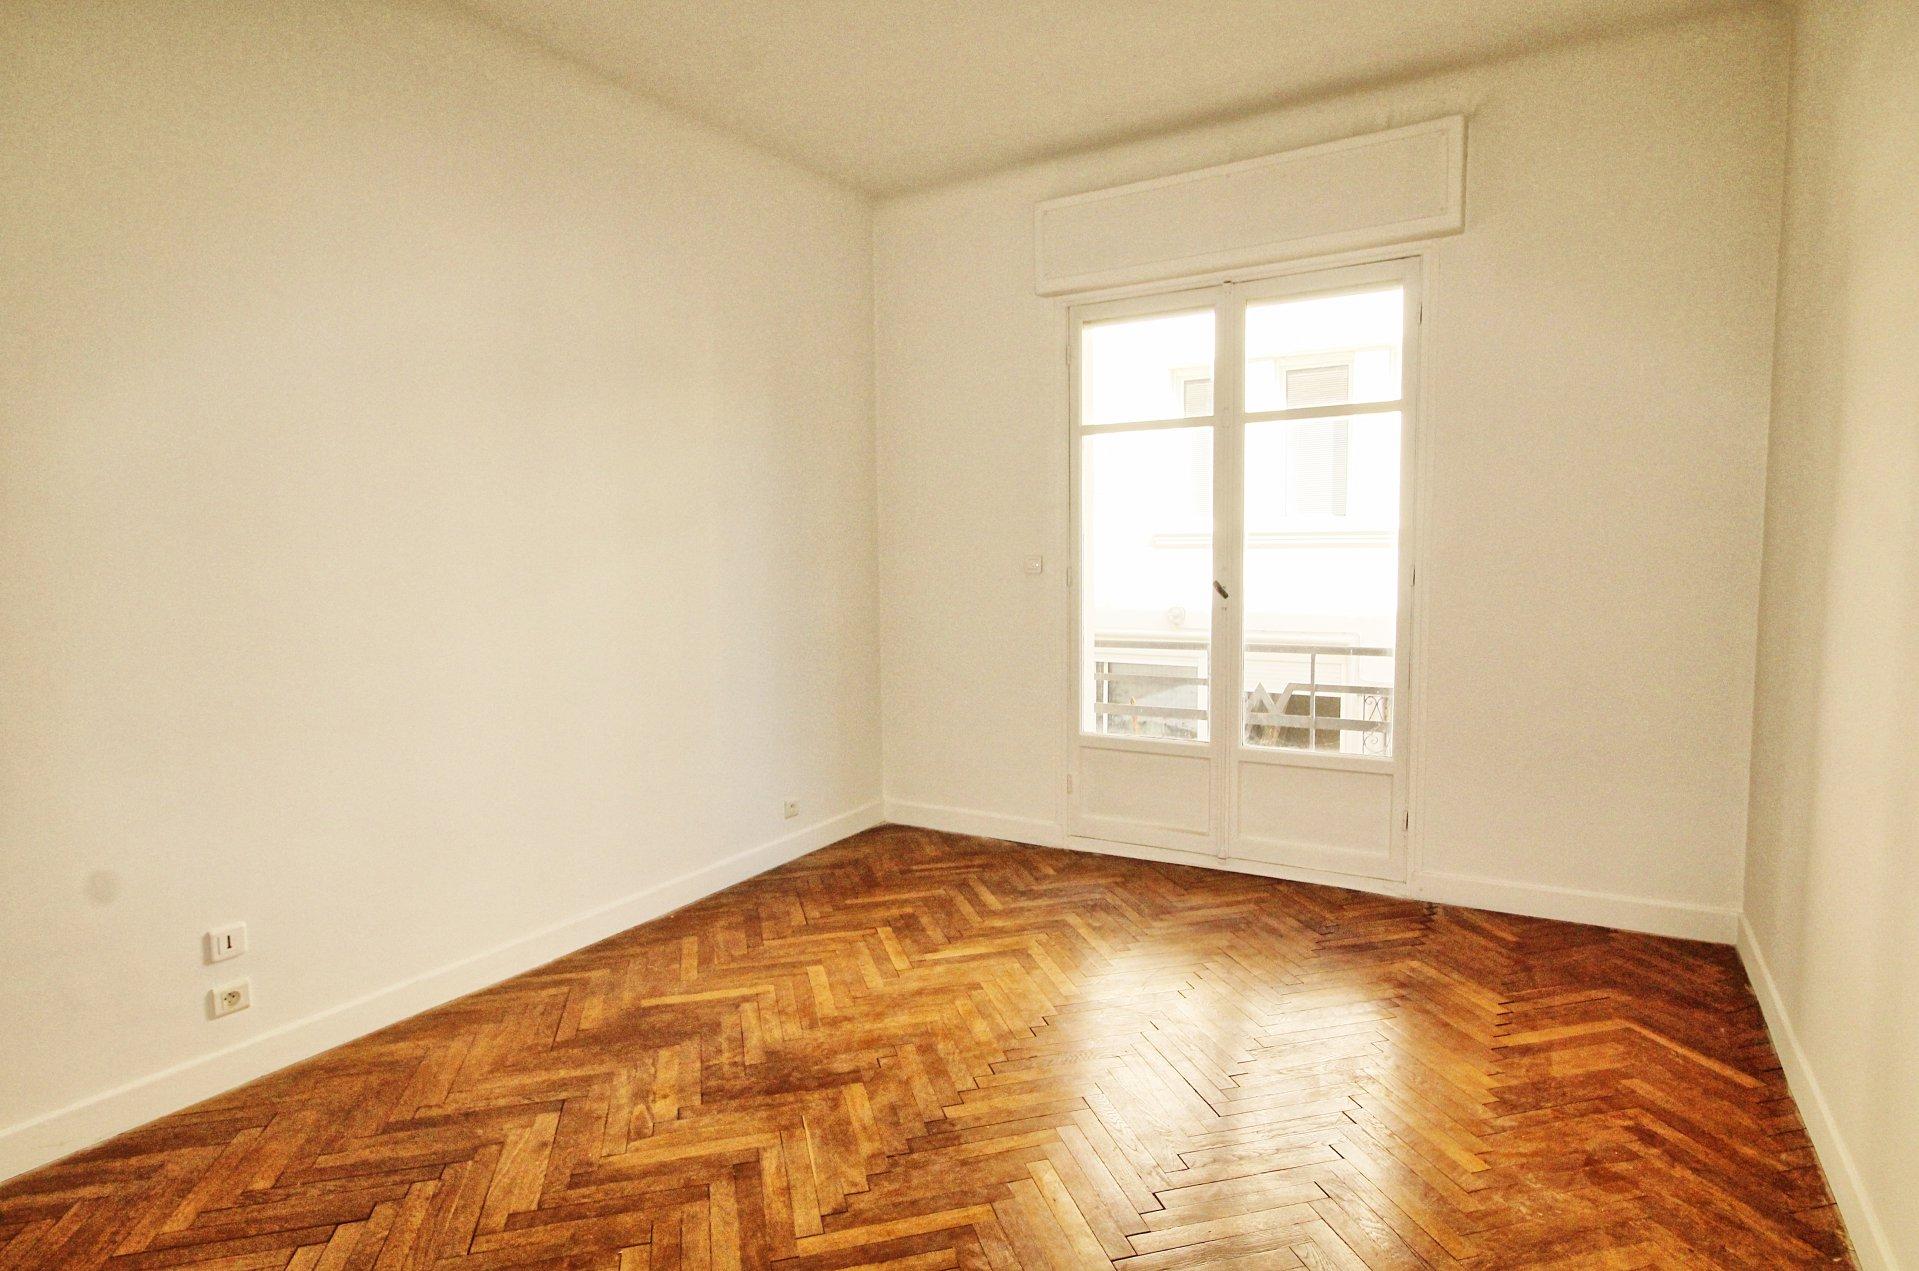 Chambre, parquet, deux pièces, appartement à vendre, cimiez